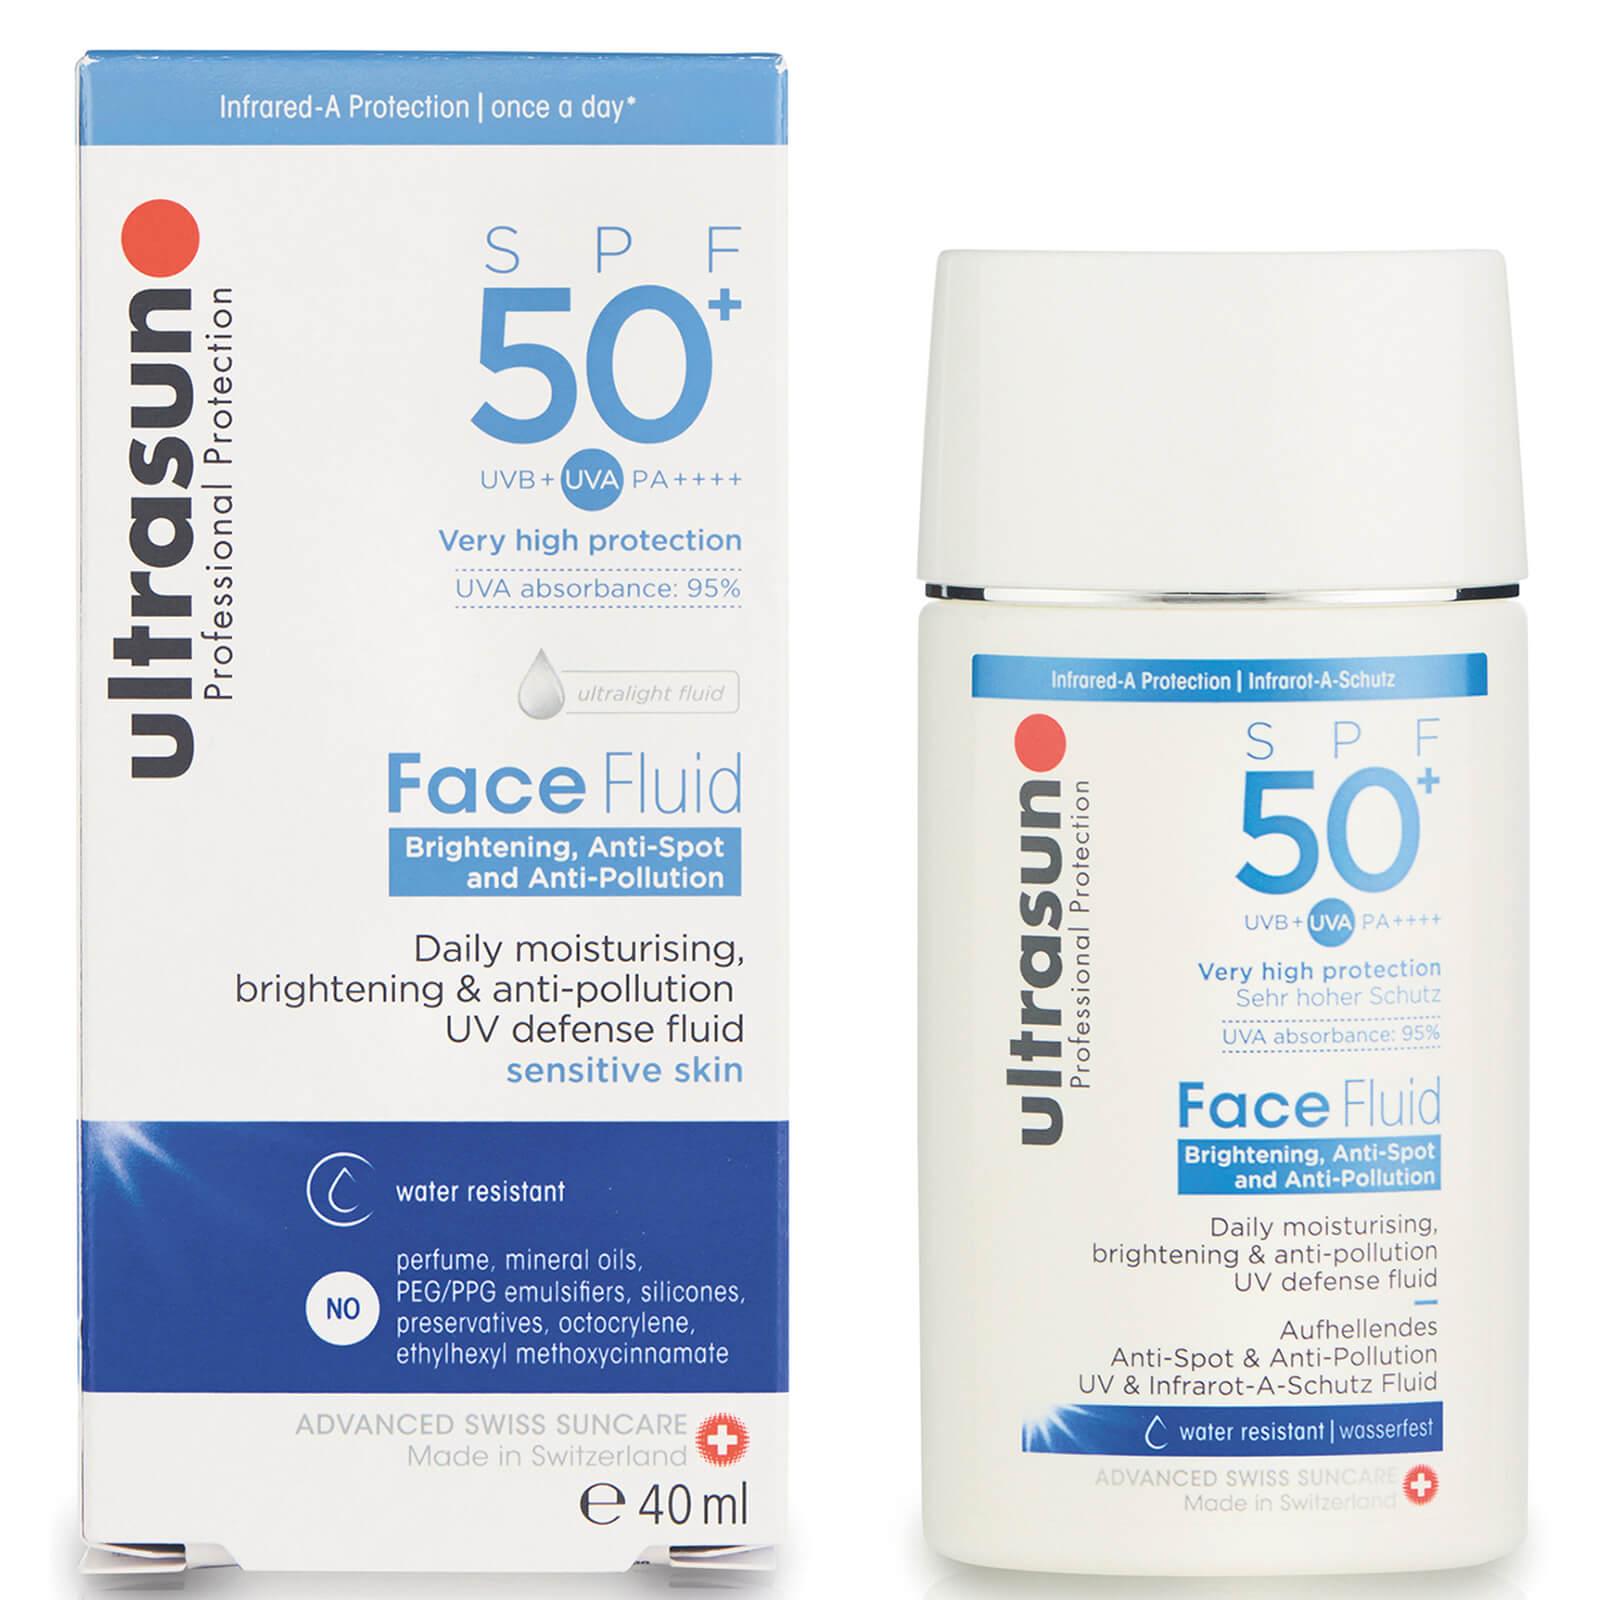 Ultrasun SPF 50+ Anti-Pollution Face Fluid 61 лв. Сливайки ведно слънцезащита и грижа за кожата, флуидът осигурява широкоспектърна защита срещу слънчевите лъчи, но и също така предпазва кожата от замърсяване, възвръща здравословните нива на влага и се бори срещу пигментните петна.